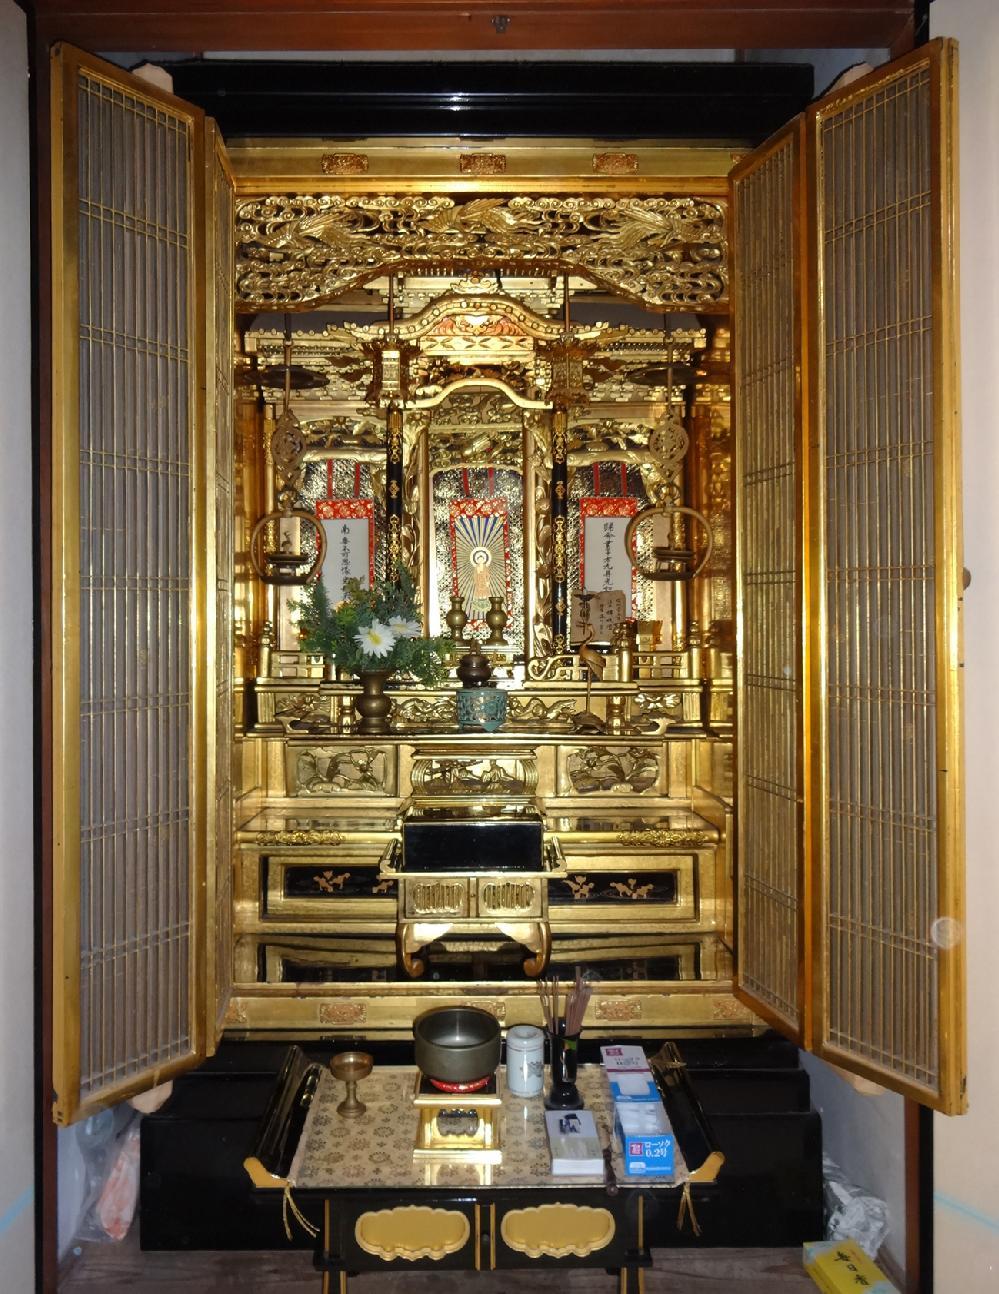 大阪市 S様 御修復前のお仏壇